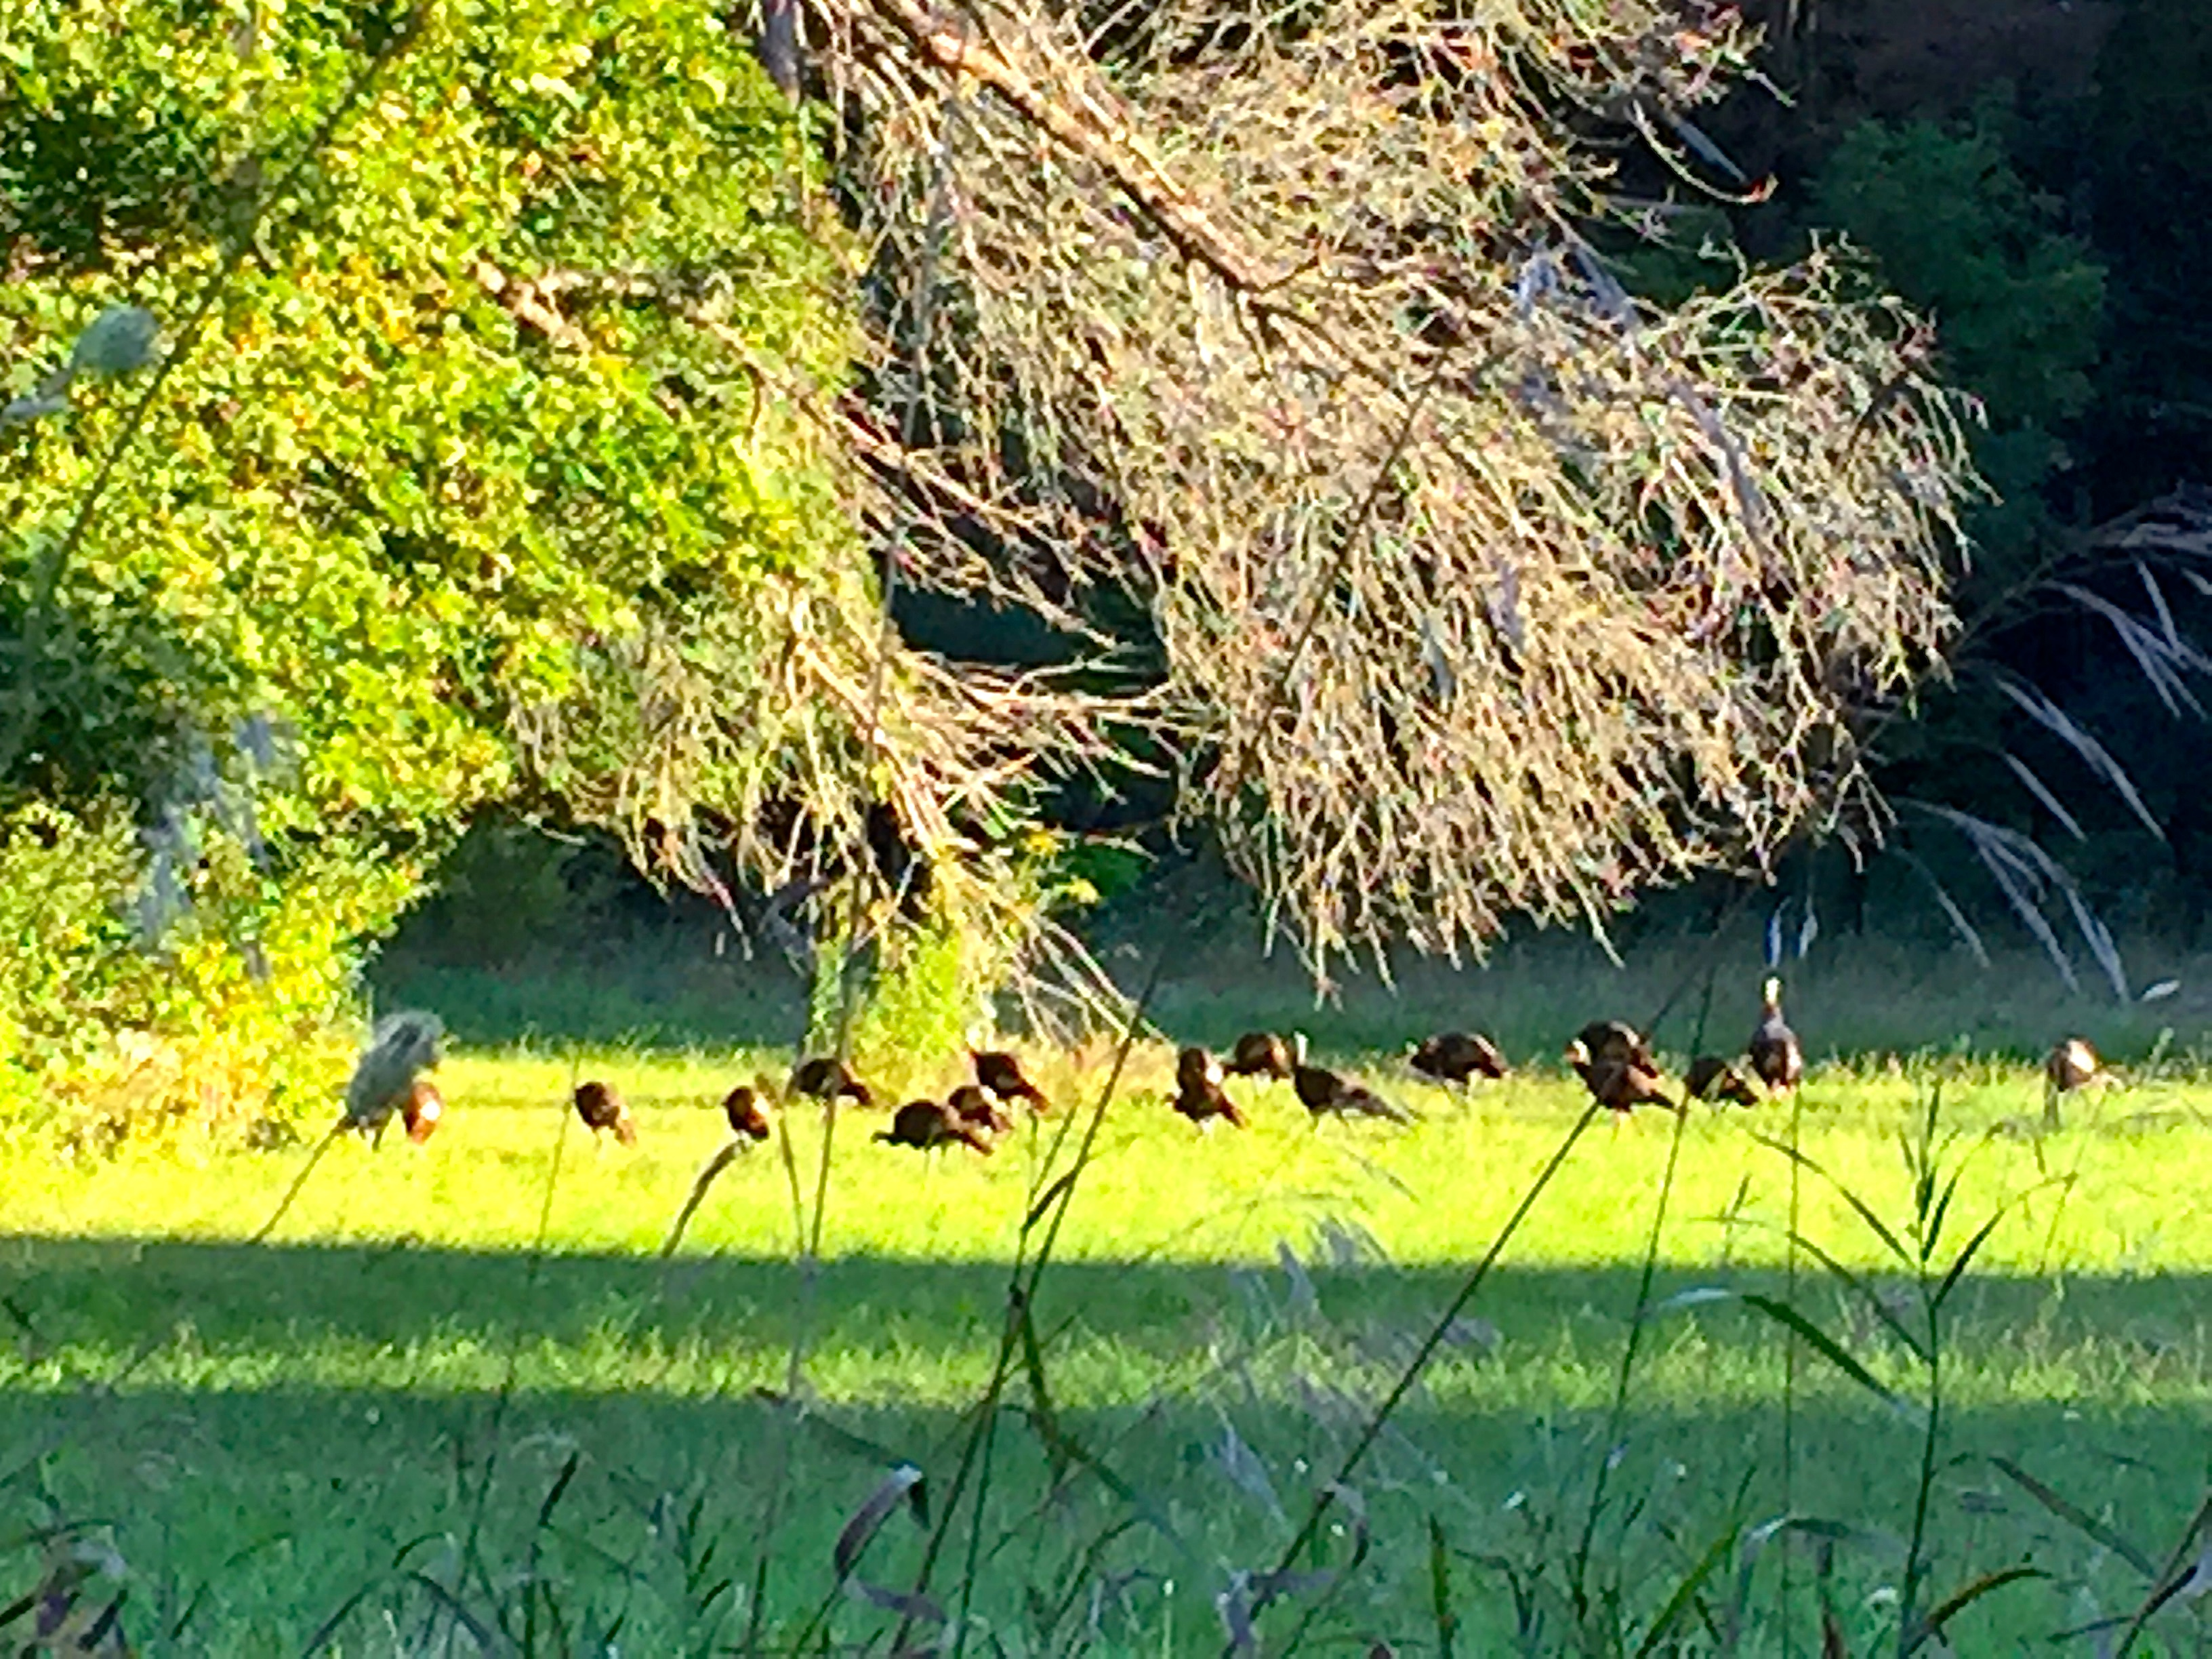 Autumn Flock of Turkeys